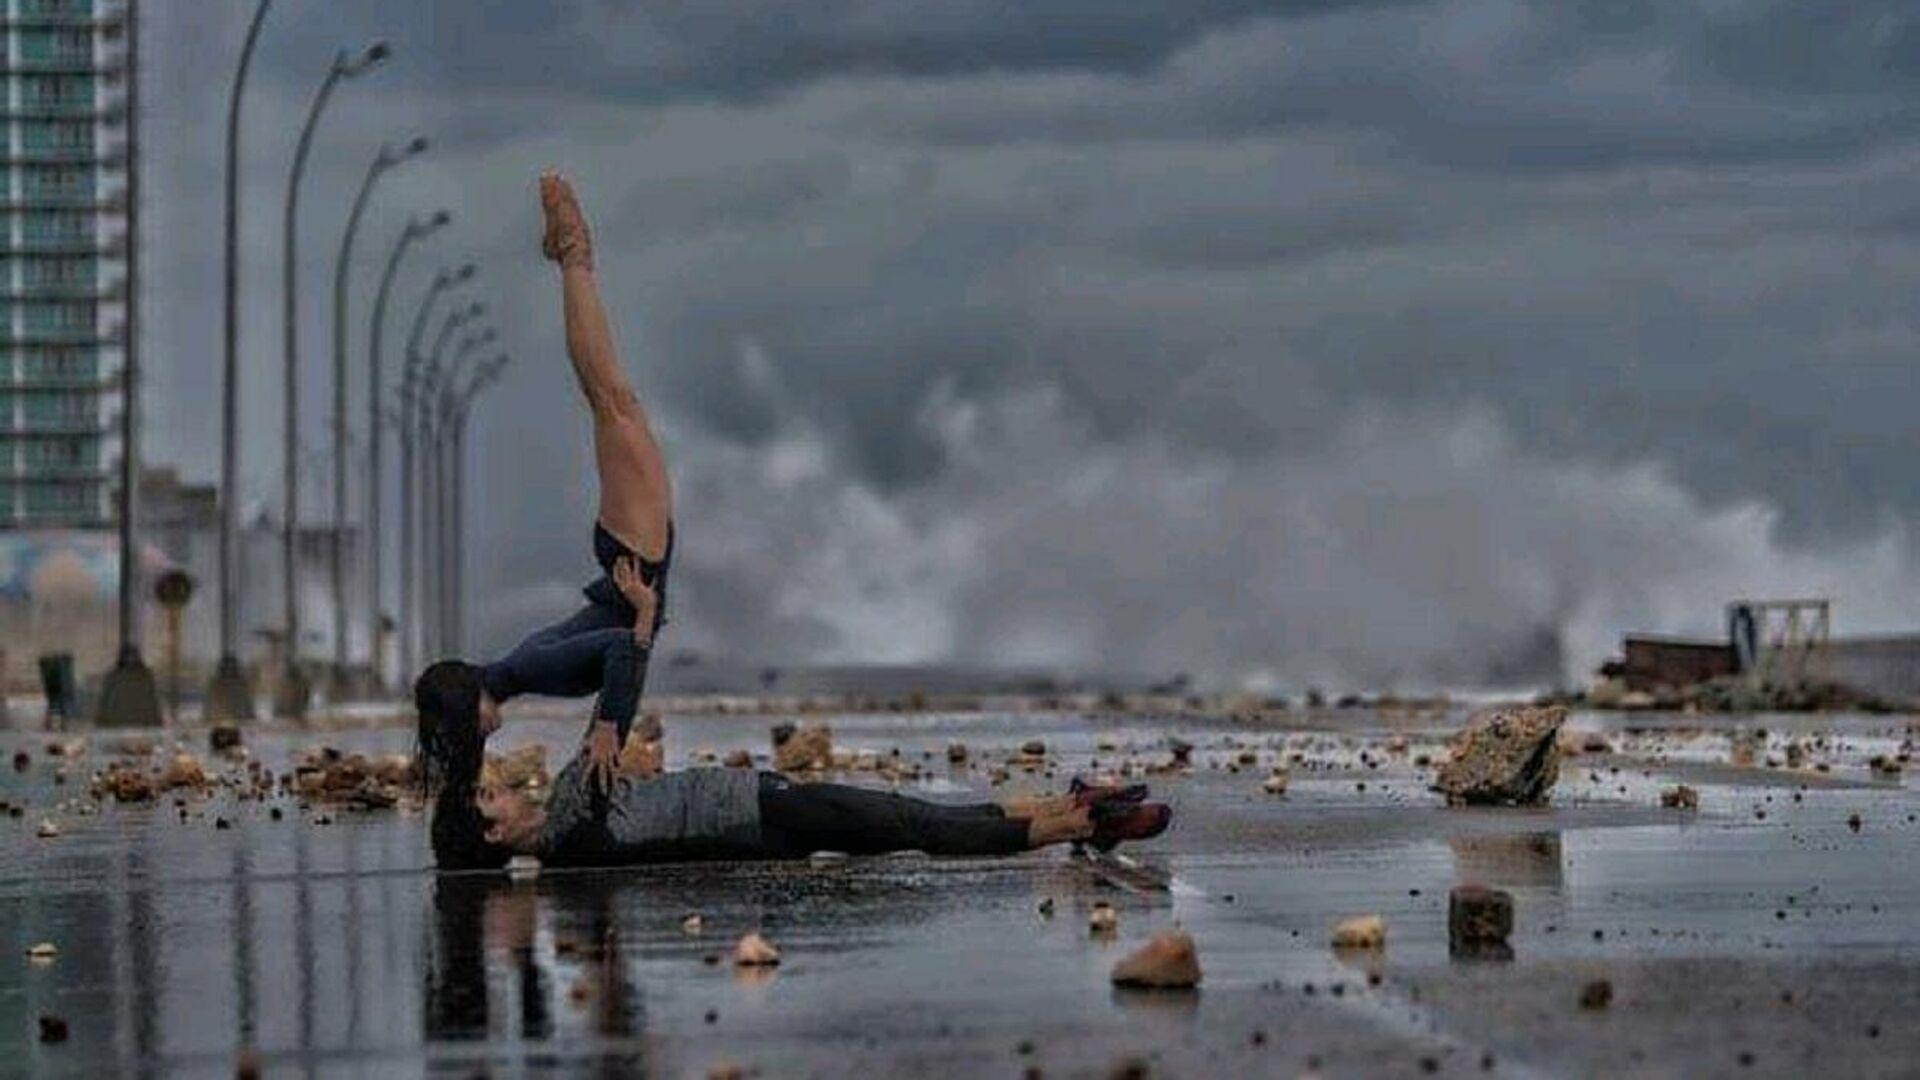 Proyecto artístico del fotógrafo Gabriel Dávalos con bailarines del Ballet Nacional de Cuba - Sputnik Mundo, 1920, 29.05.2021